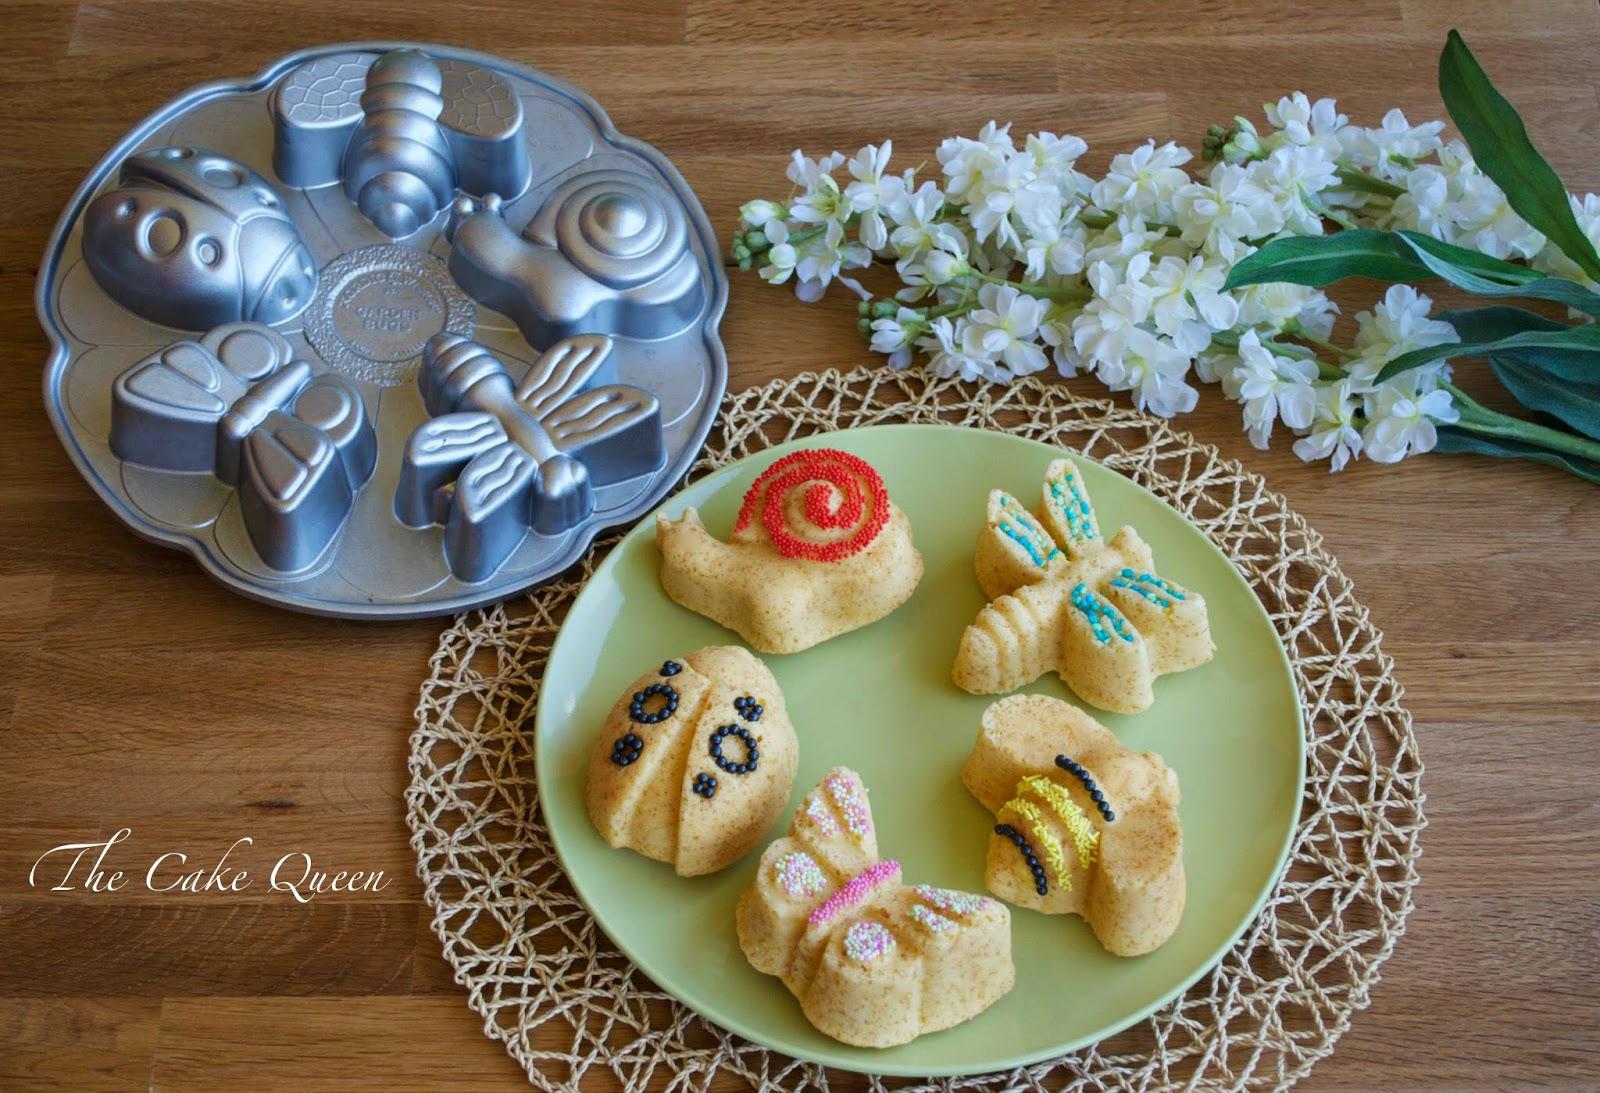 Mini garden cakes de limón y fruta de la pasión, en esta foto te enseño el molde que usé para realizar estos mini bizcochos